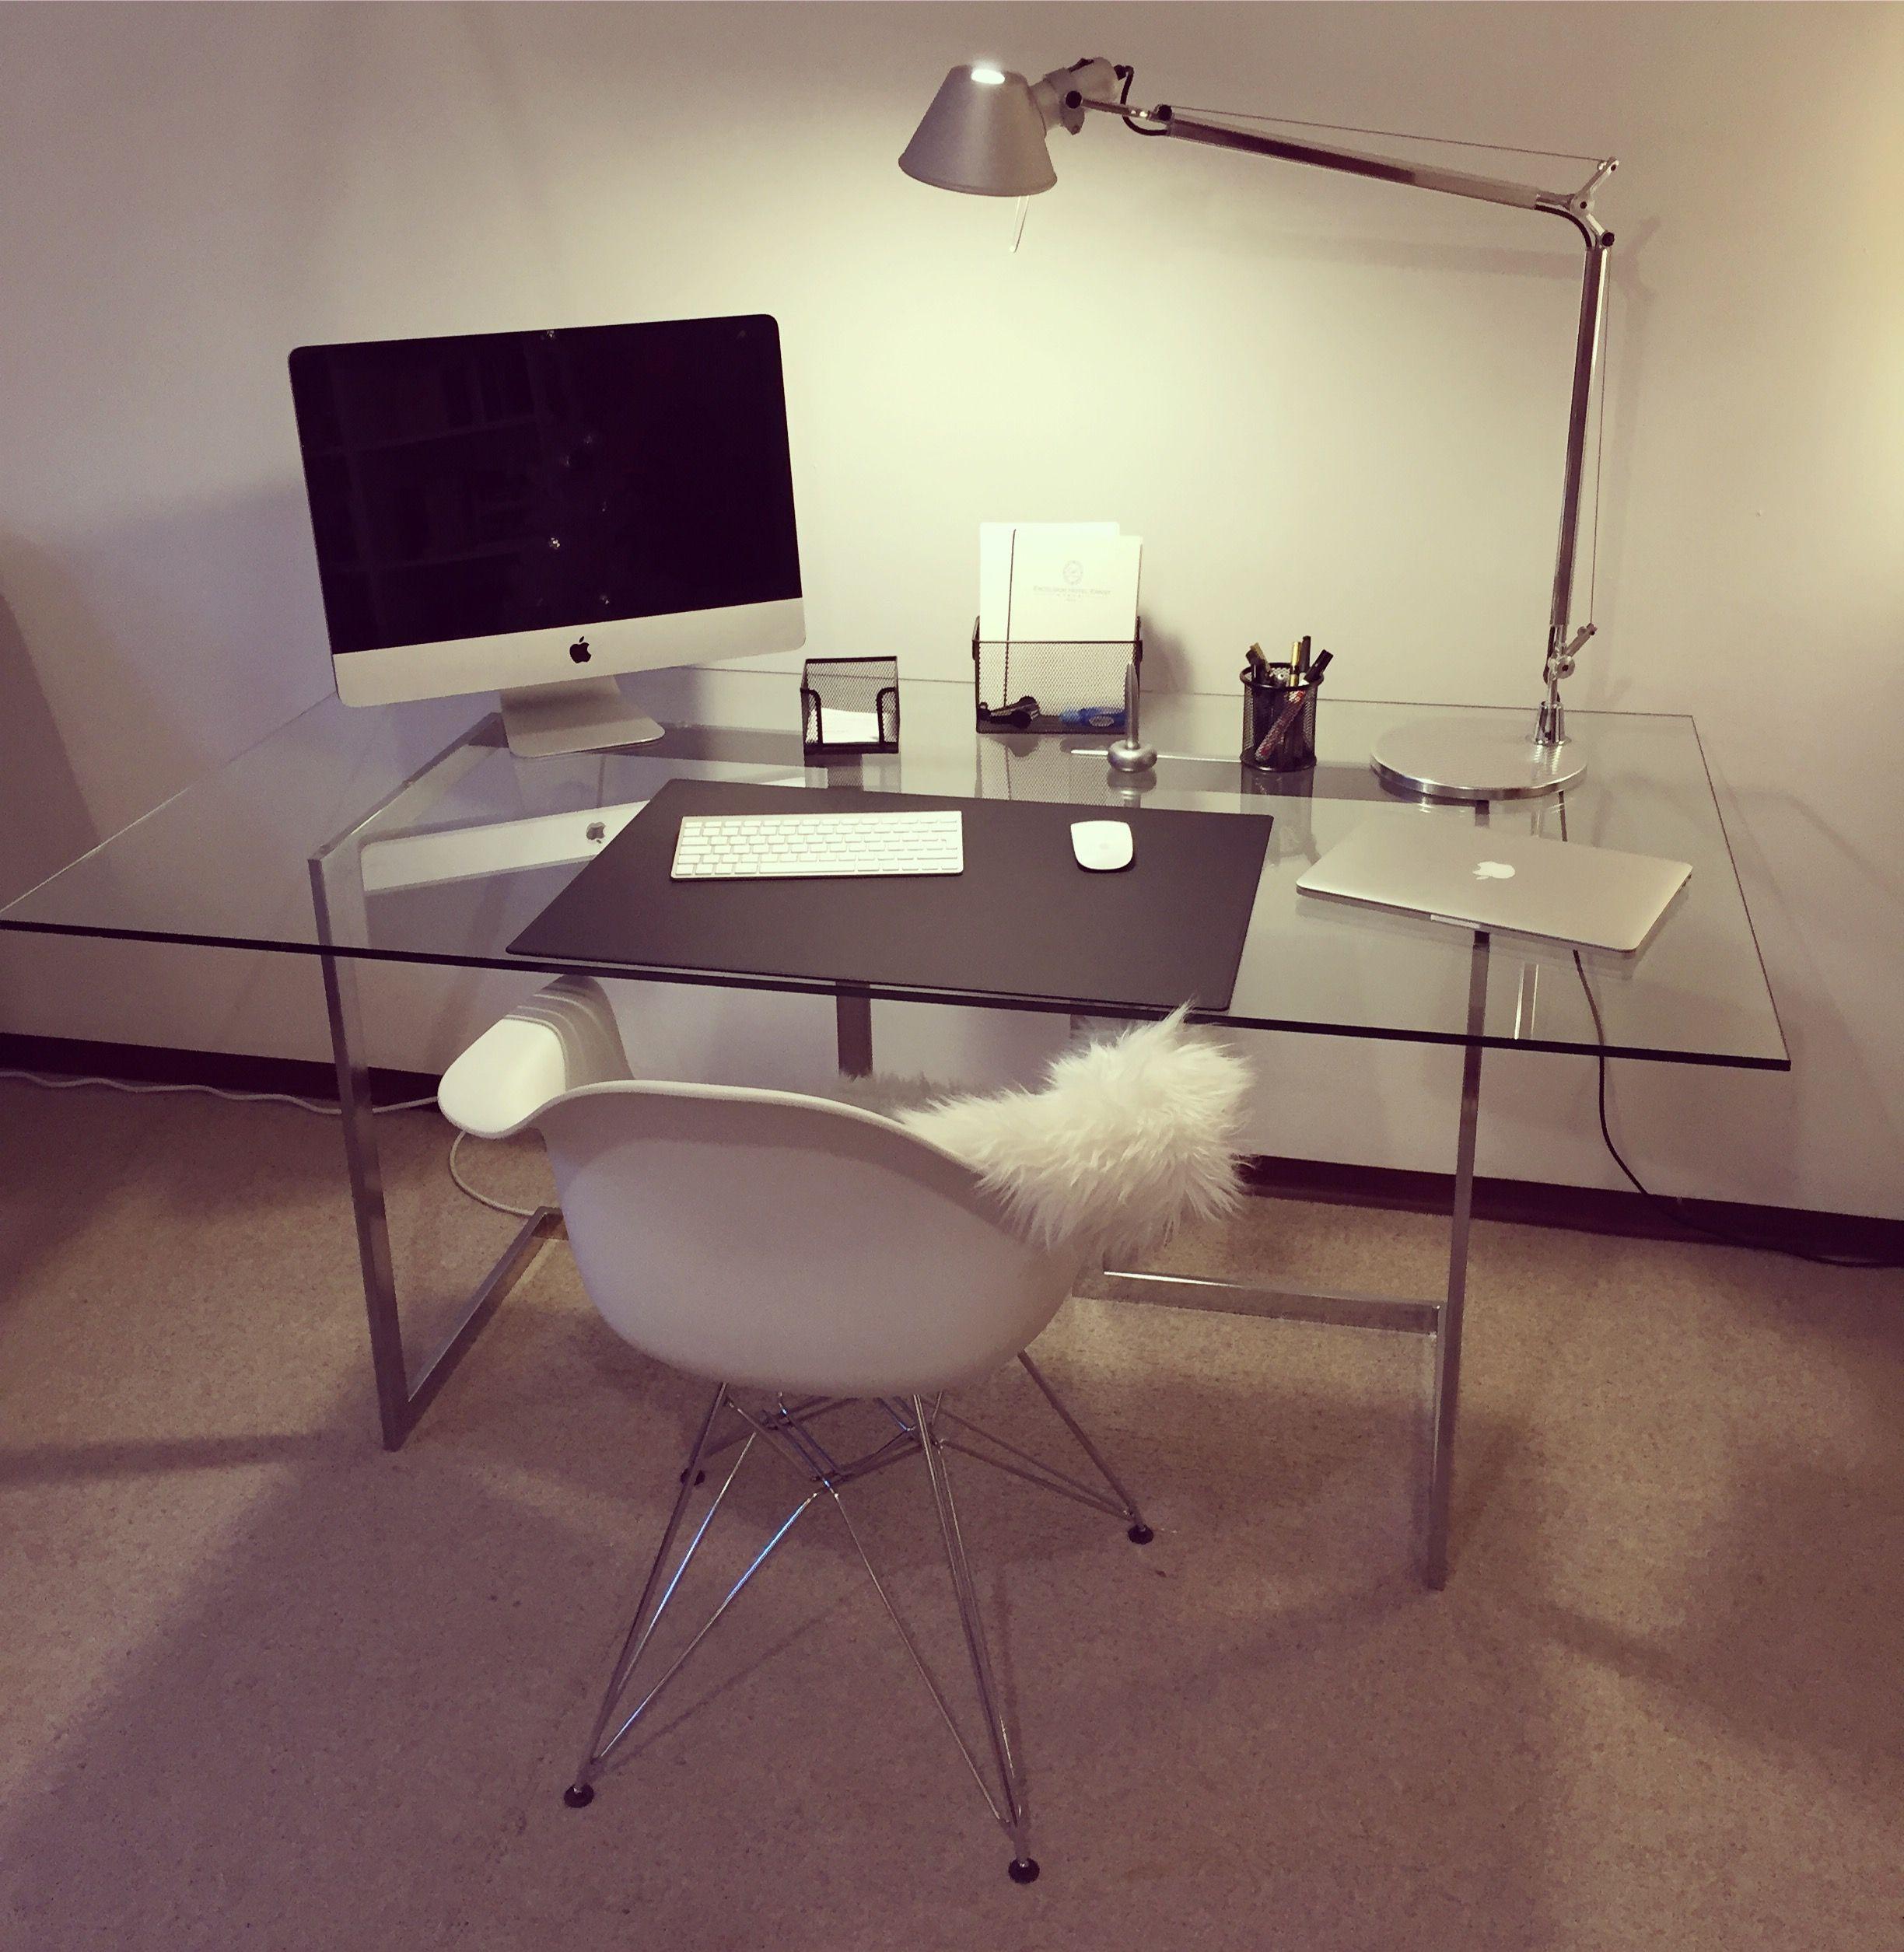 Artemide Schreibtischle kare design schreibtisch mit eames stuhl artemide tolomeo le und